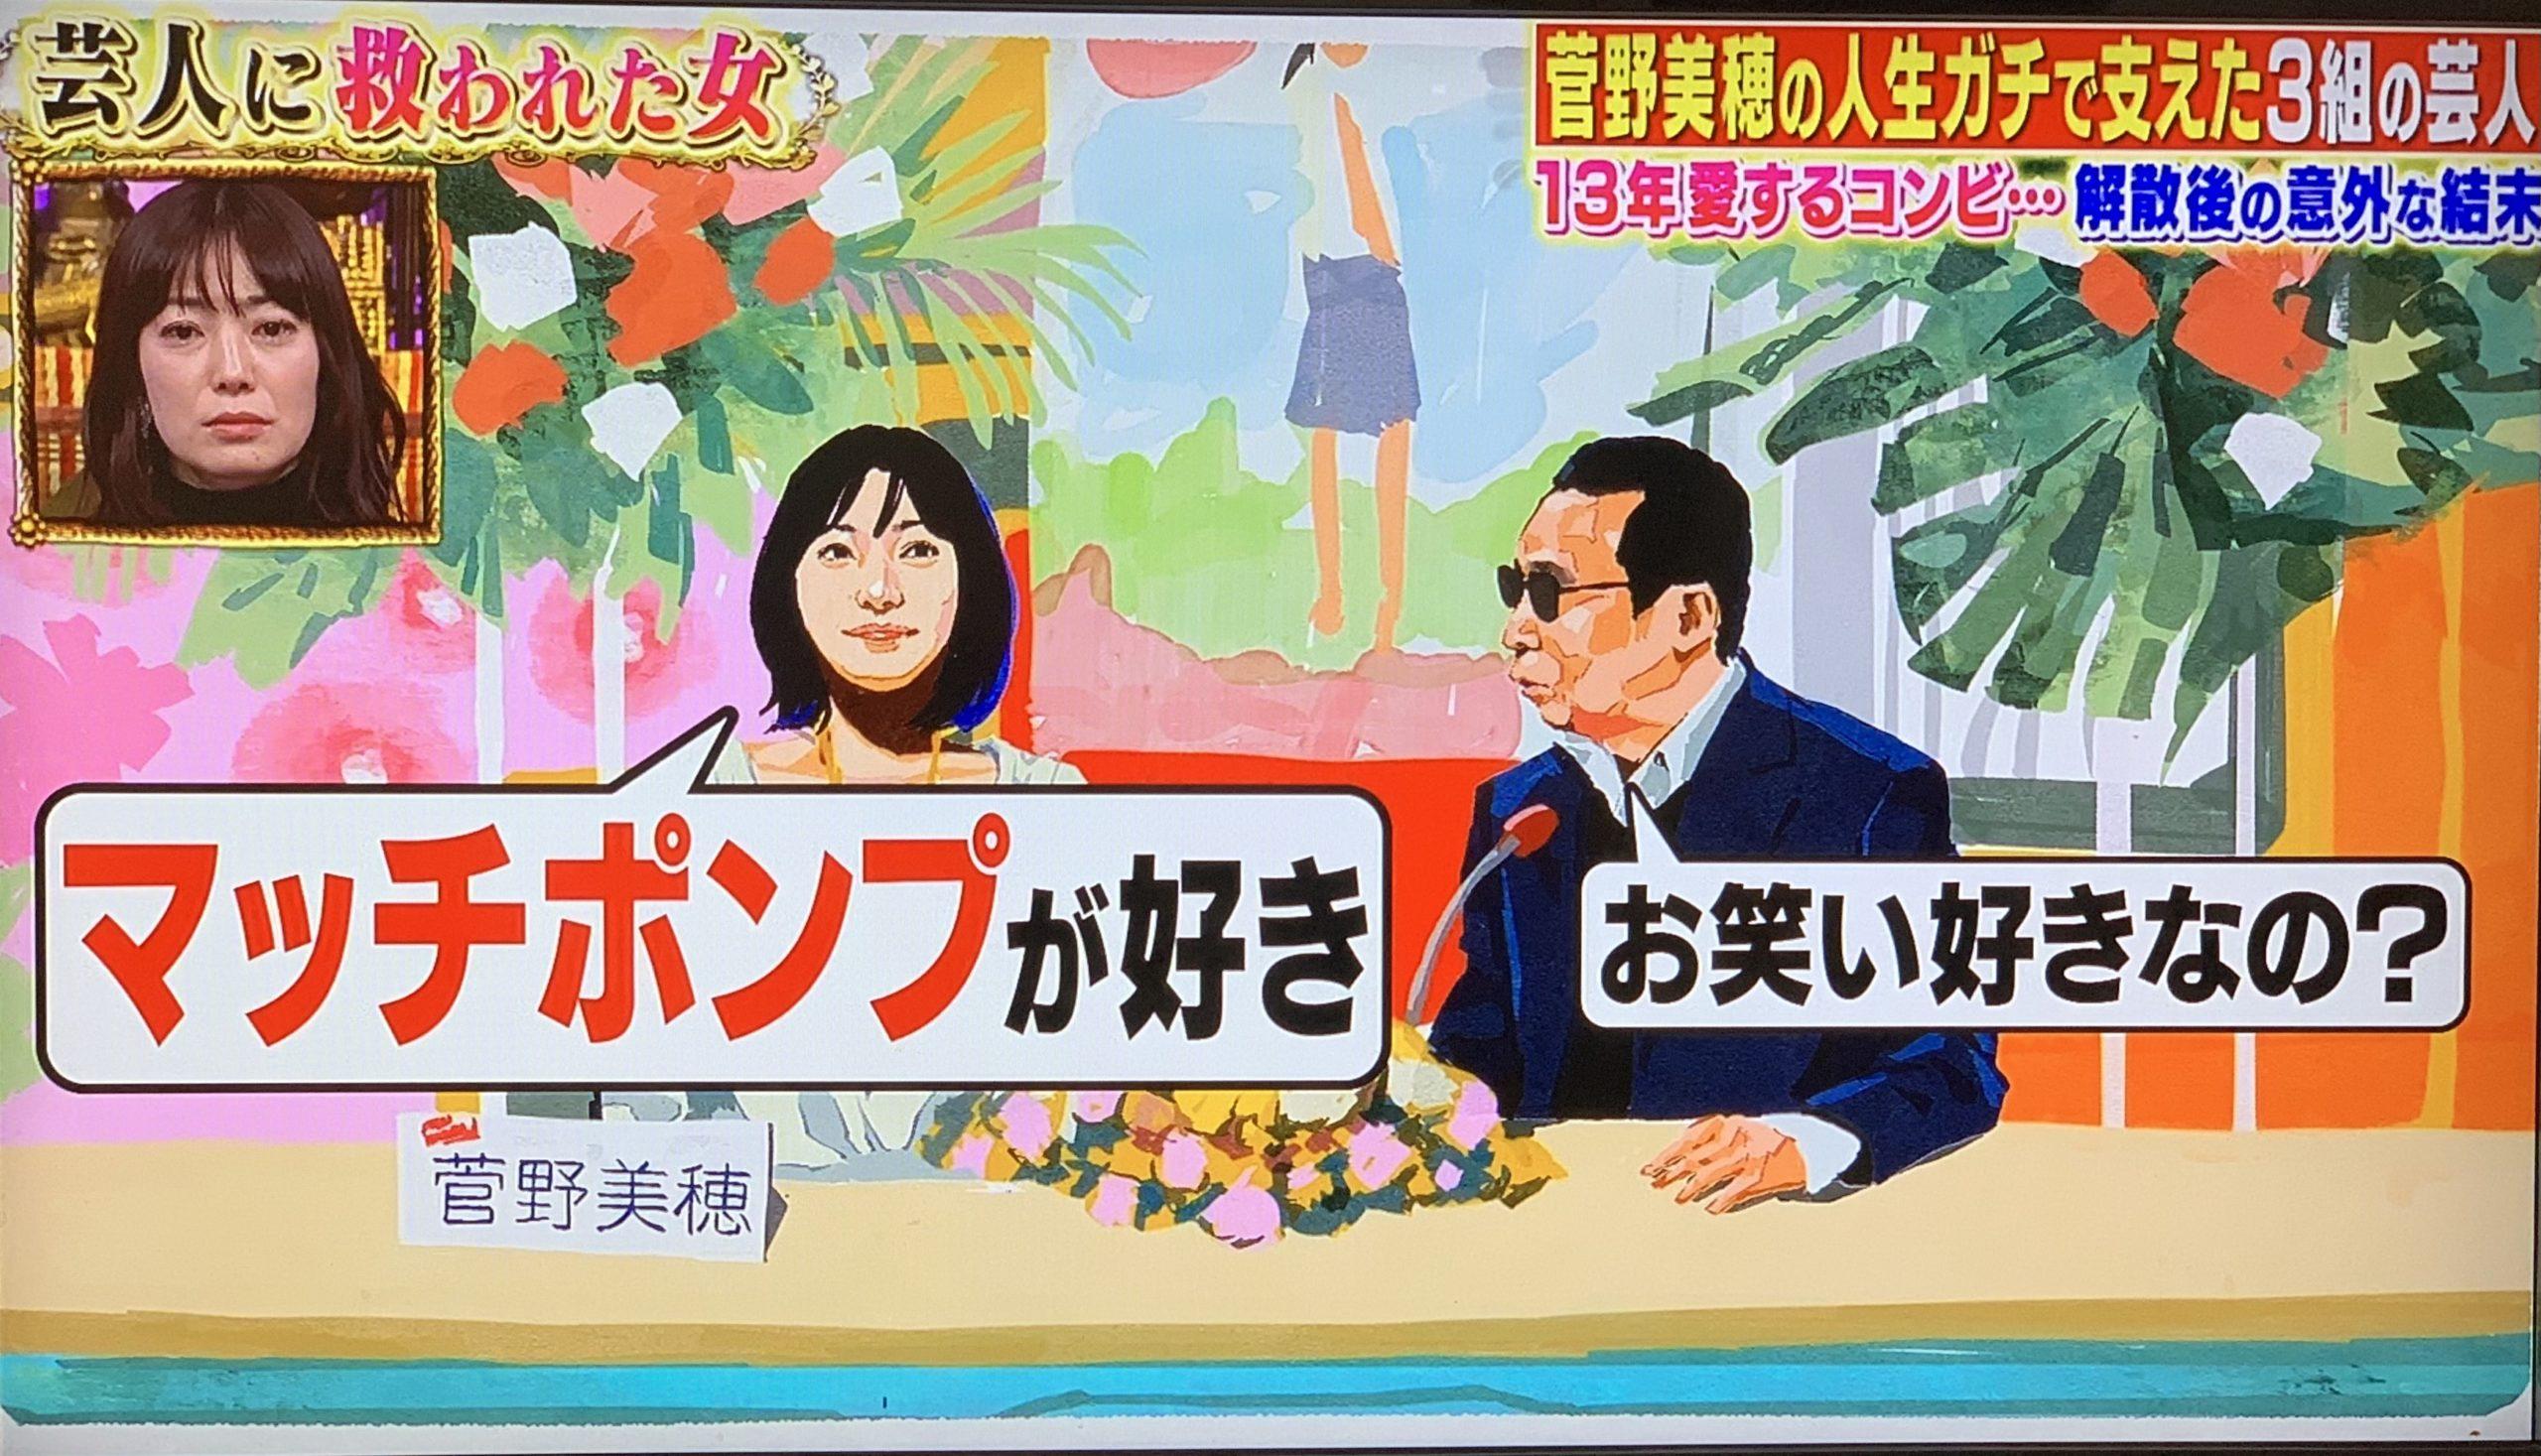 菅野美穂は「笑っていいとも」でマッチポンプが好きと公言